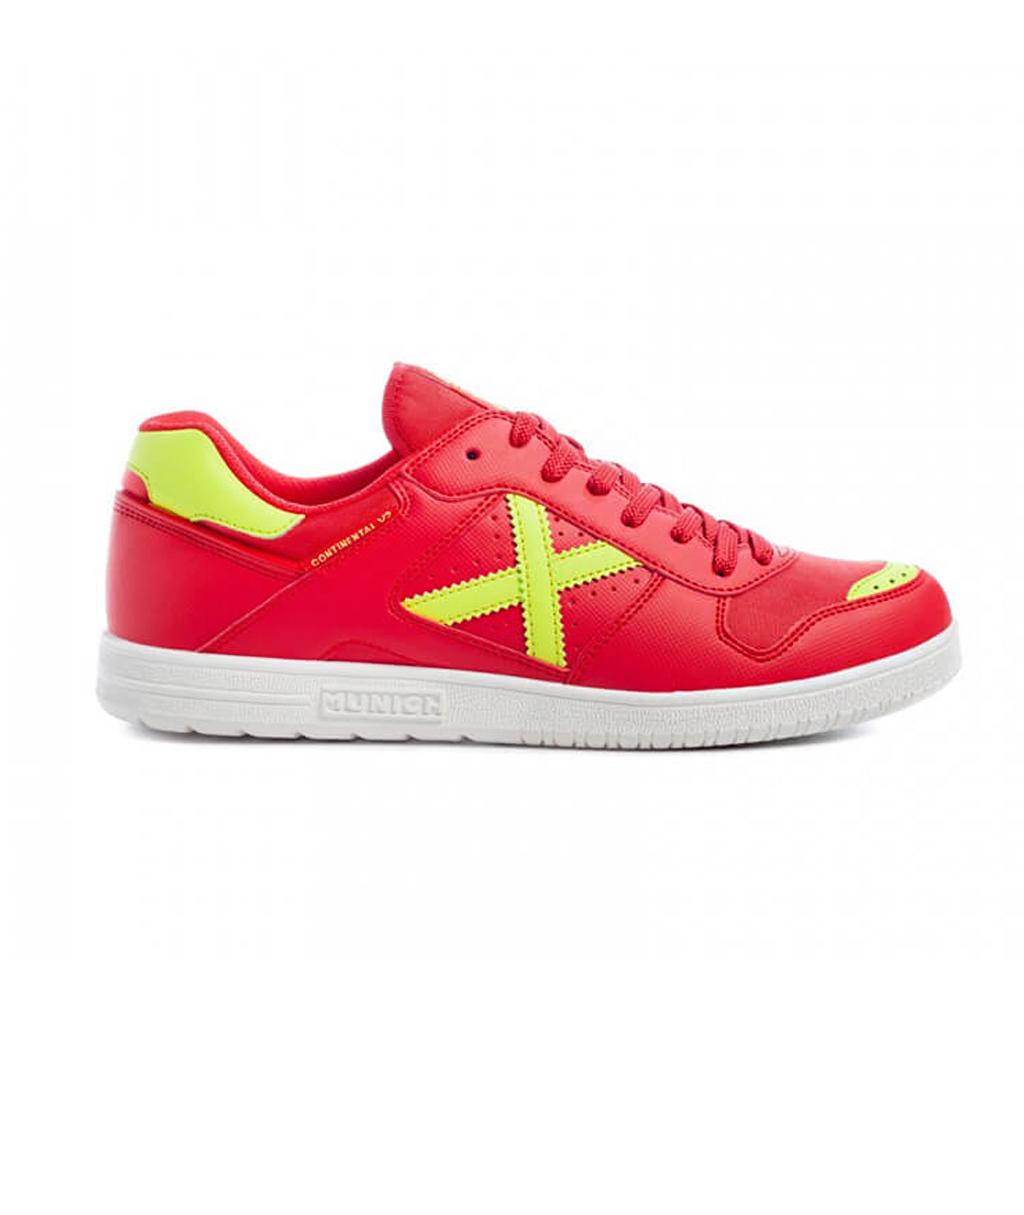 Купить красные футзалки Munich Continental V2 4104016 в интернет-магазине